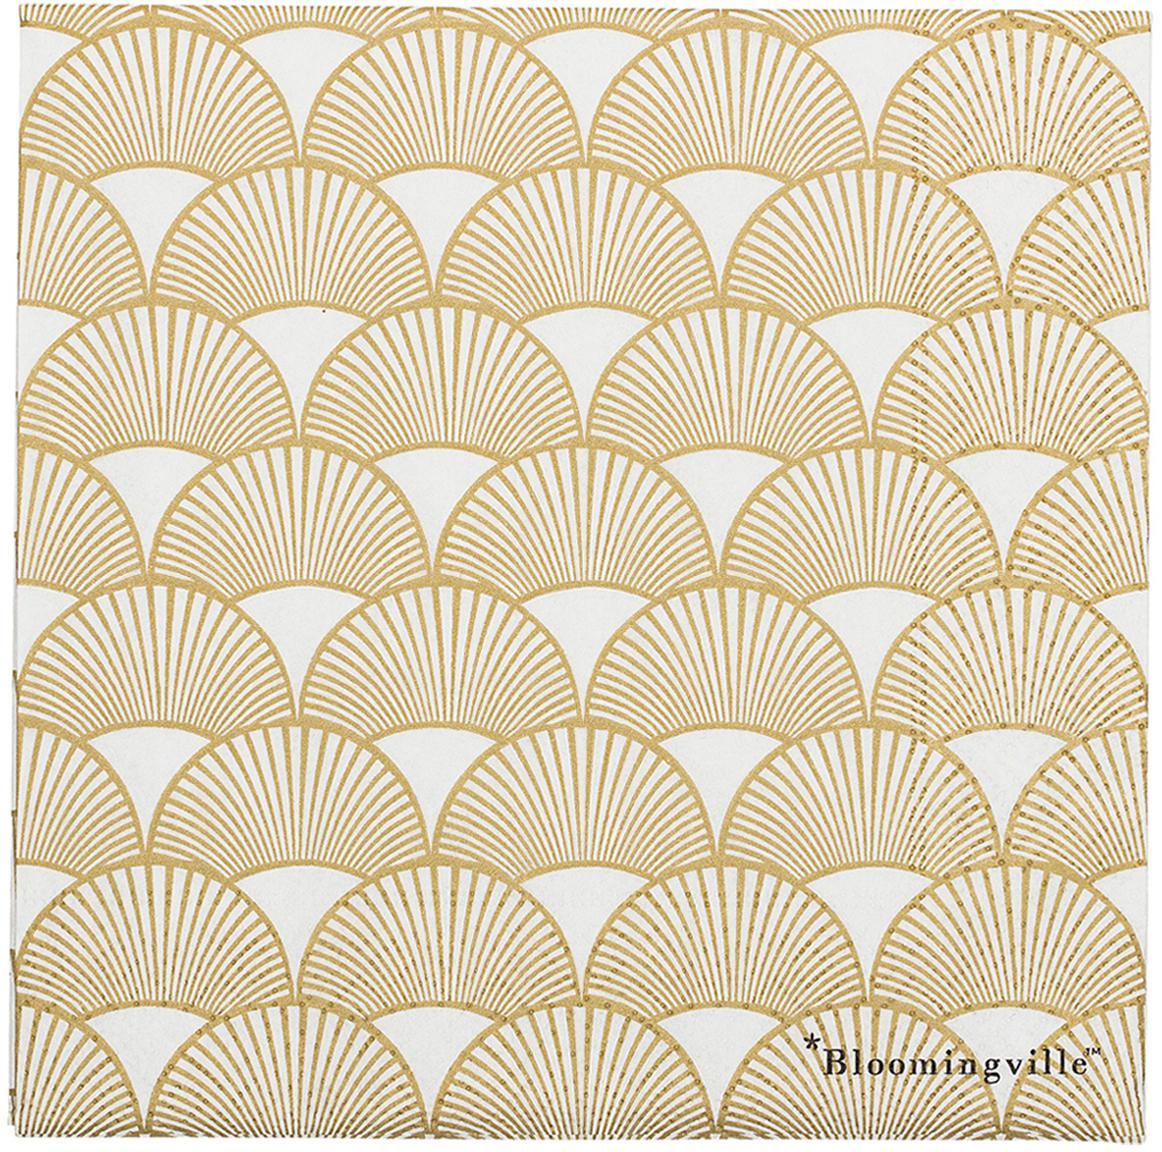 Papier-Servietten Sun, 20 Stück, Papier, Goldfarben, Weiss, 33 x 33 cm